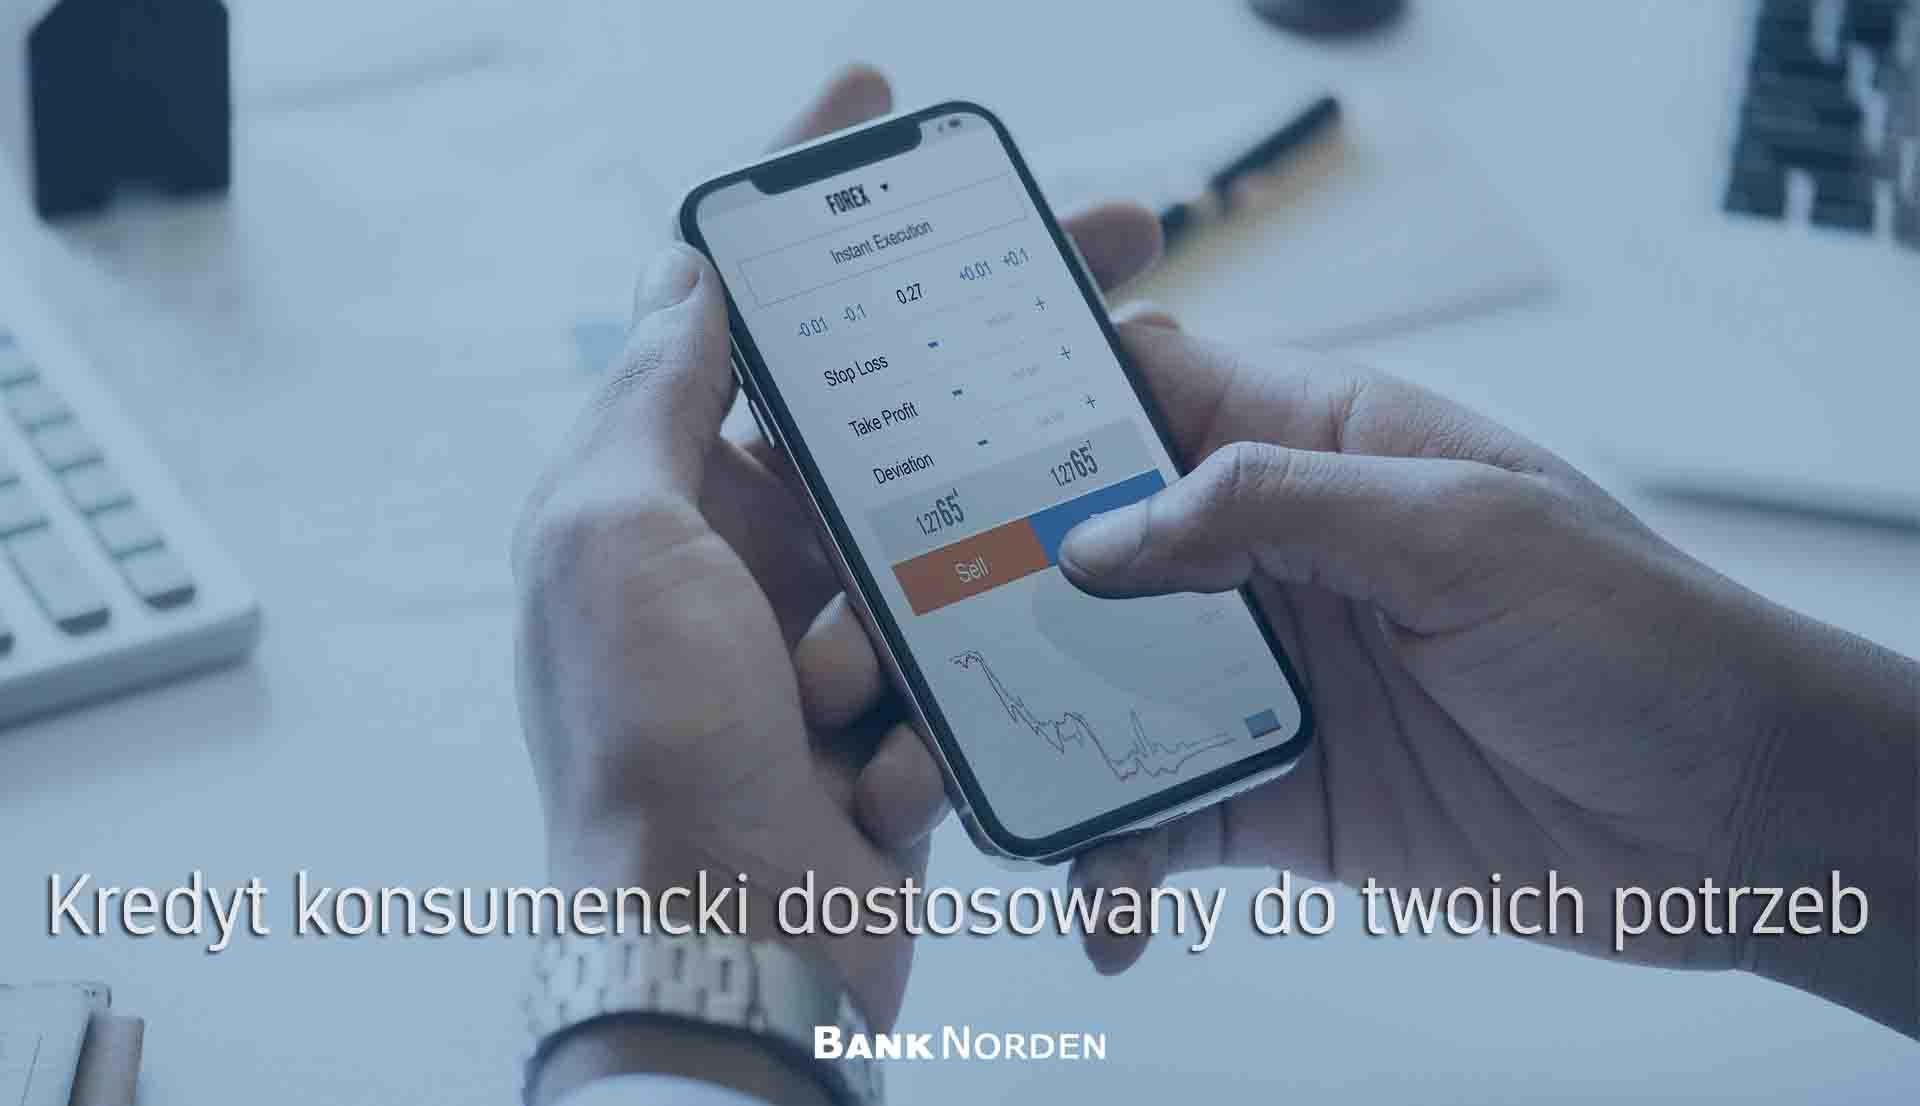 Kredyt konsumencki dostosowany do twoich potrzeb